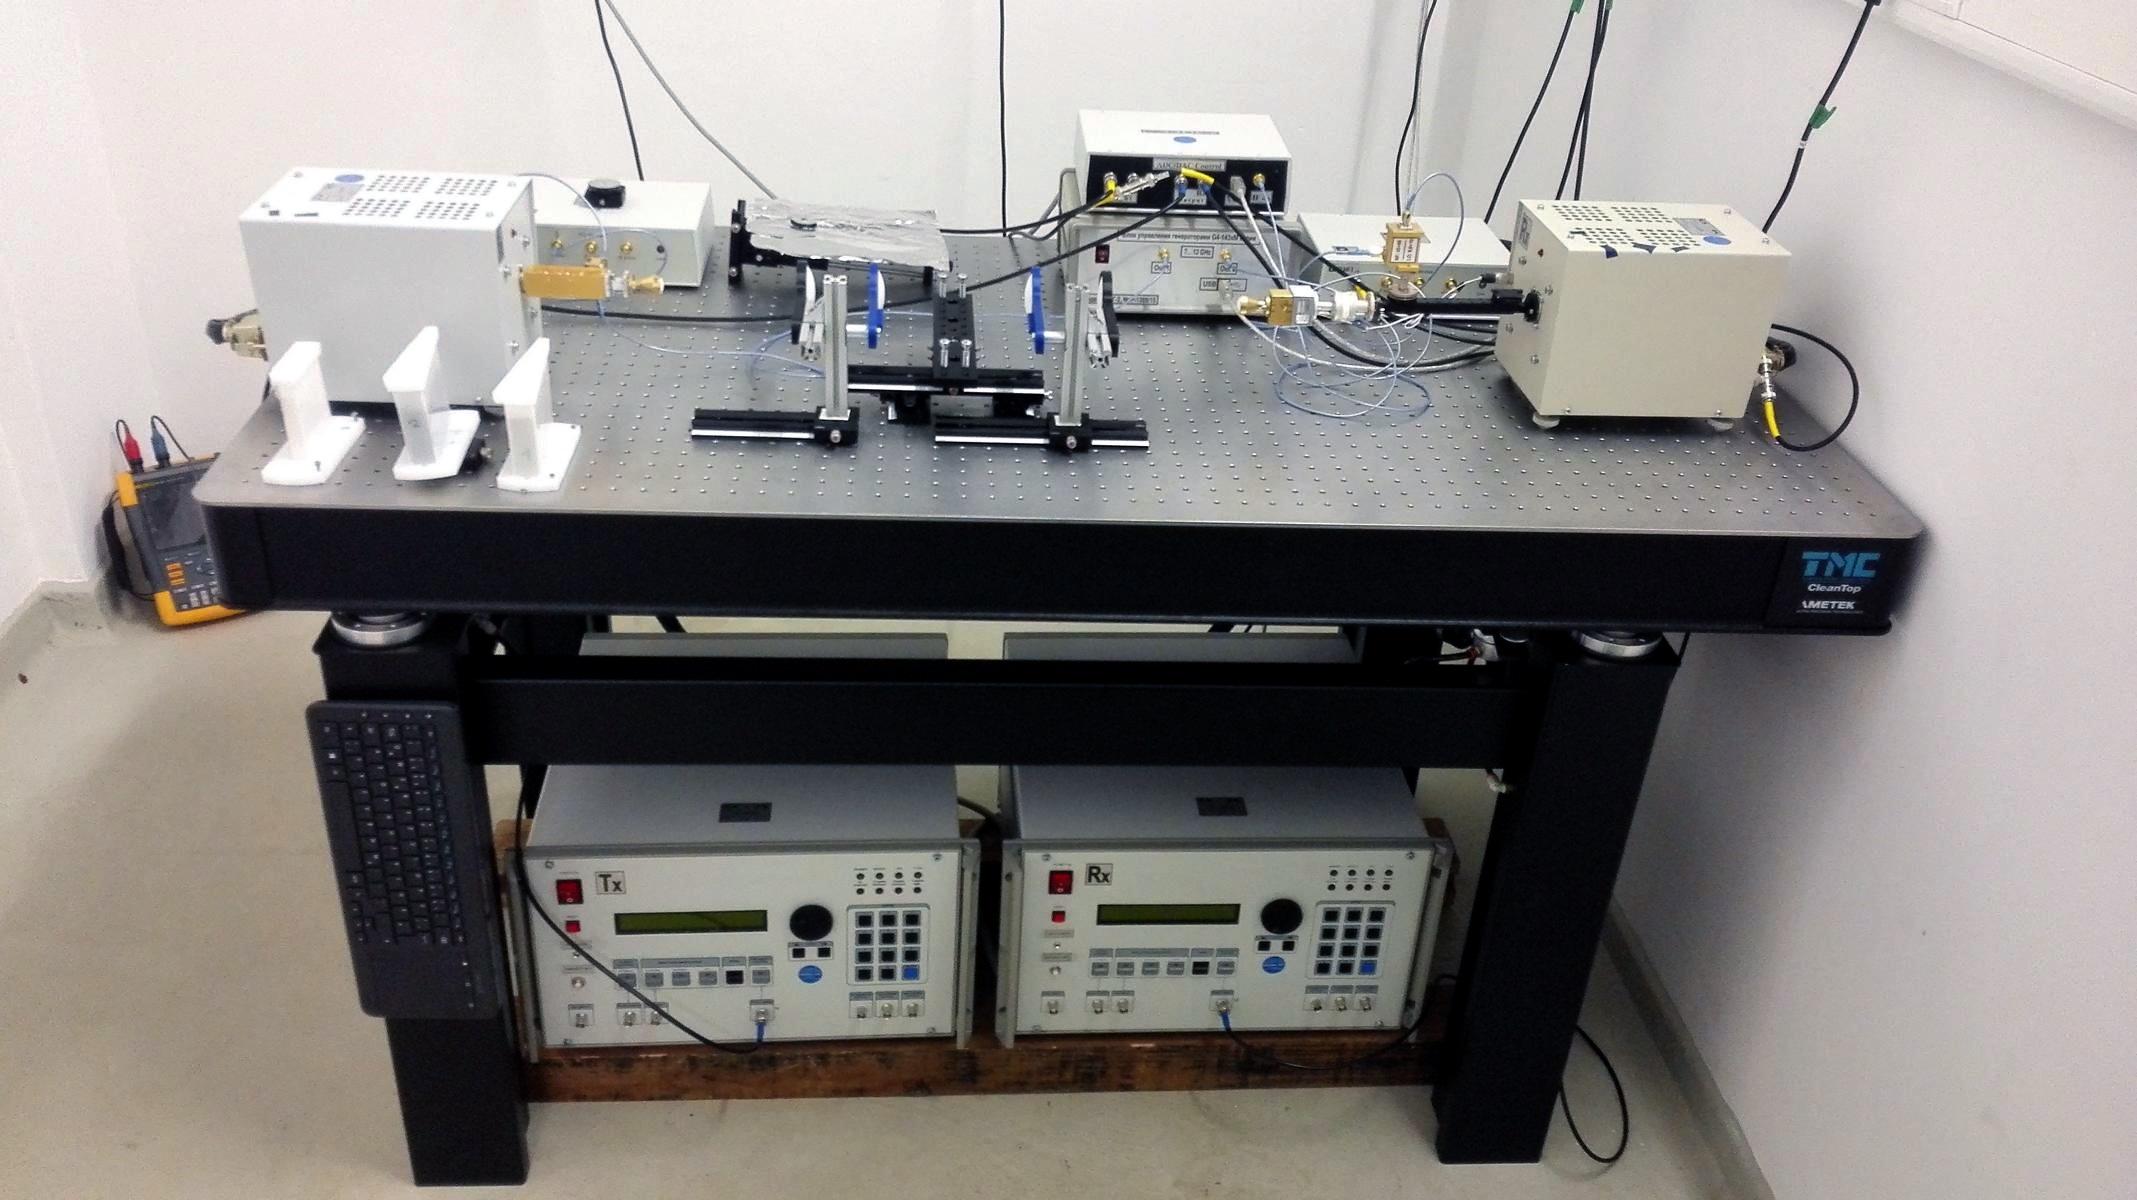 ATB's 258GHz - 375GHz Analyzer for Soil Probe